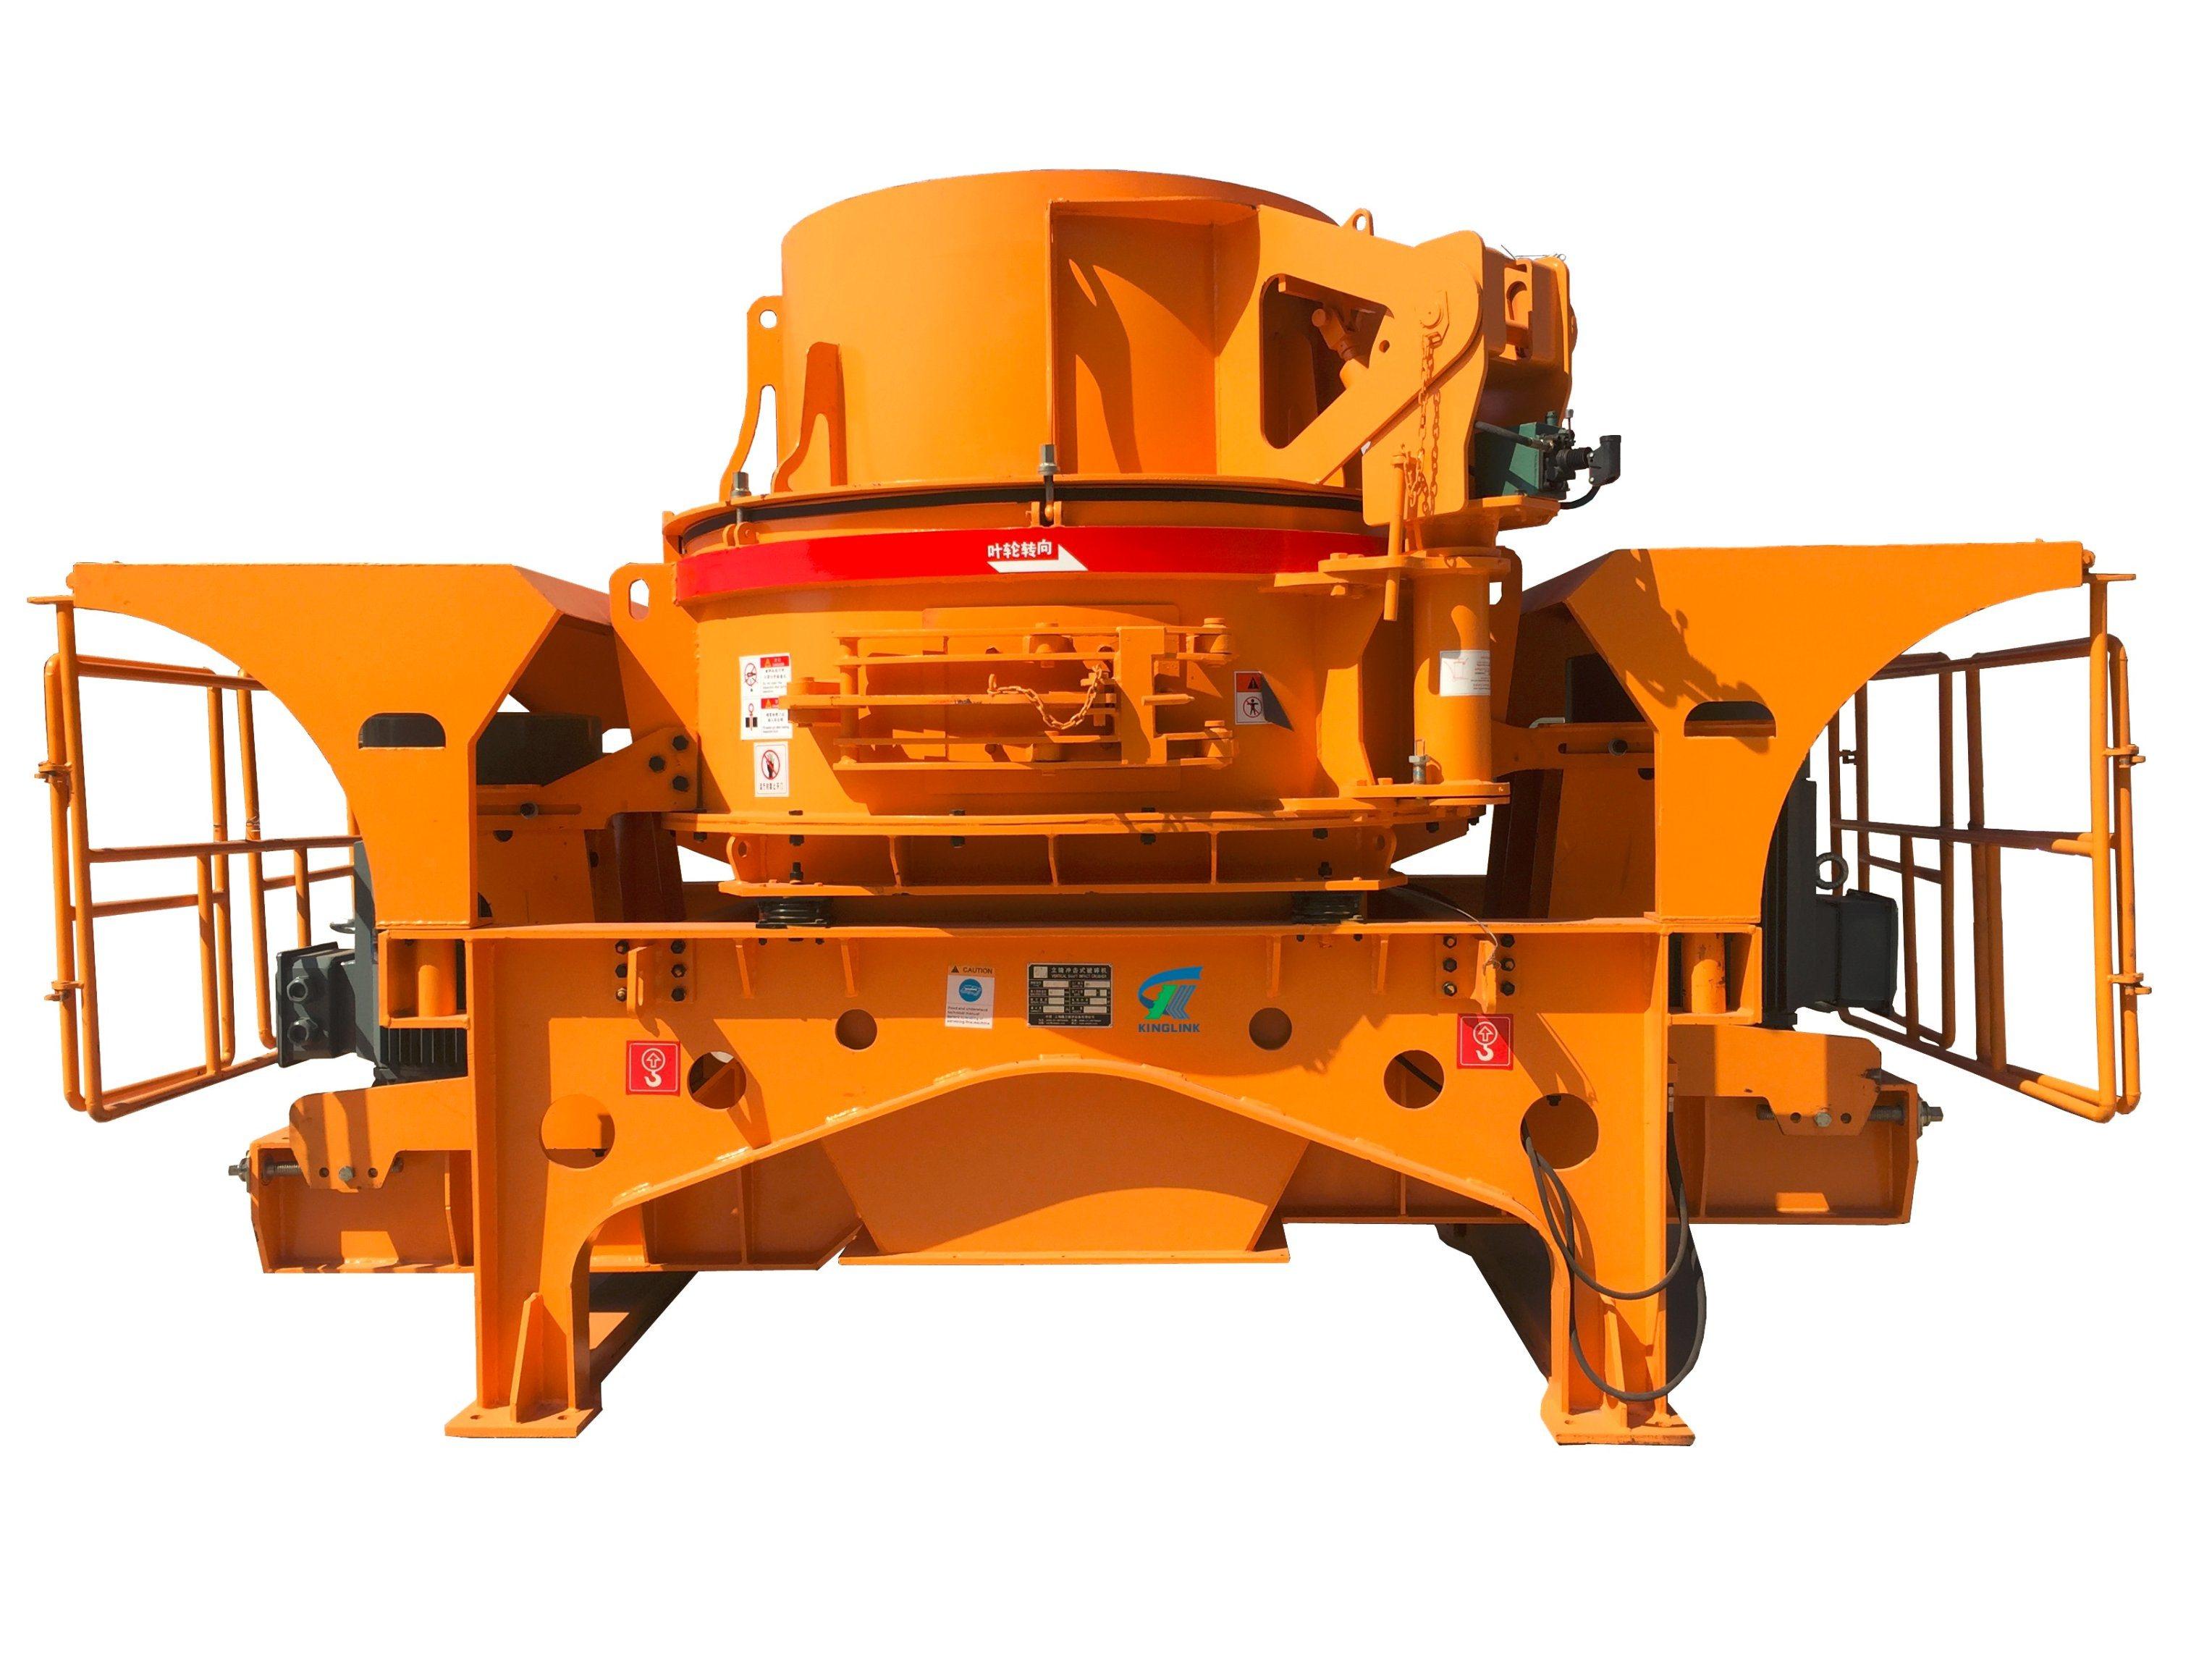 VSI Crusher, Sand Making Machine, Vertical Shaft Impact Crusher